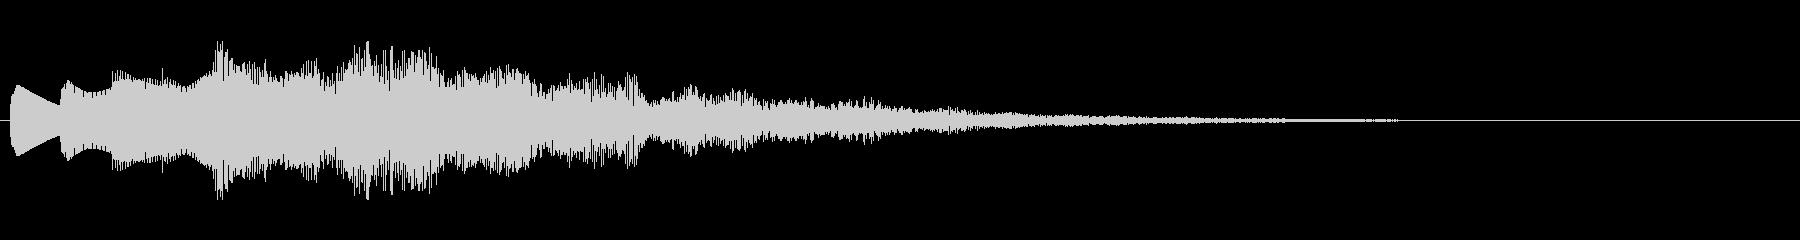 KANTシンセサウンドジングル63の未再生の波形